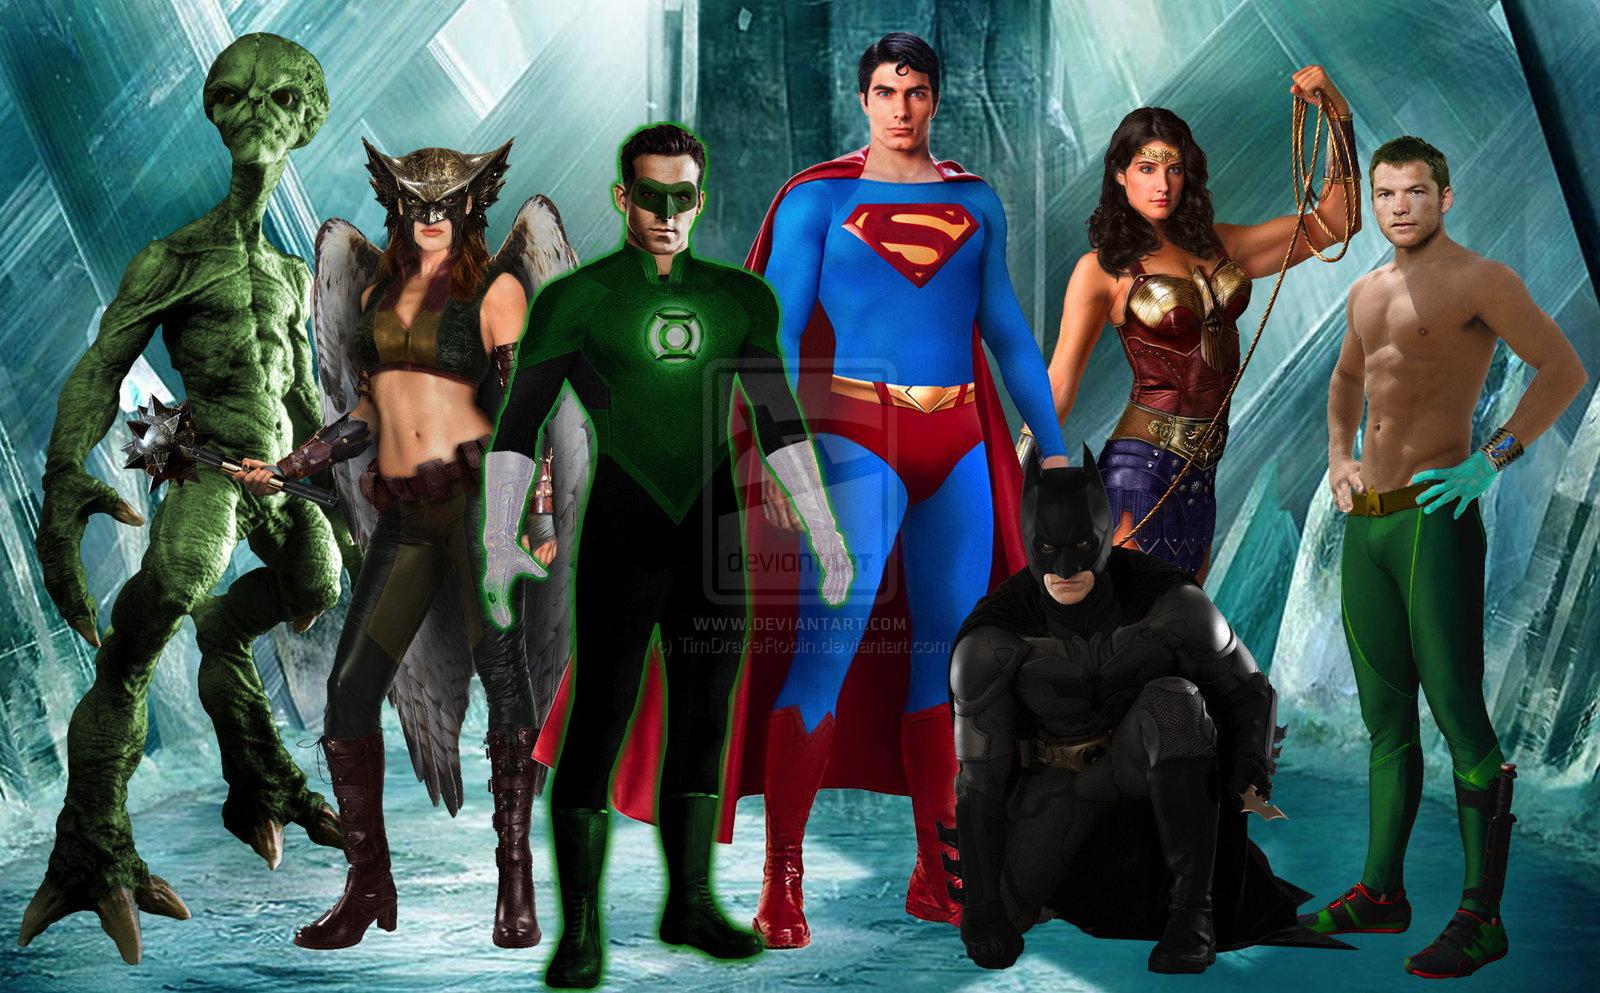 Justice League Trailer: Justice League Movie Trailer Idea ;)